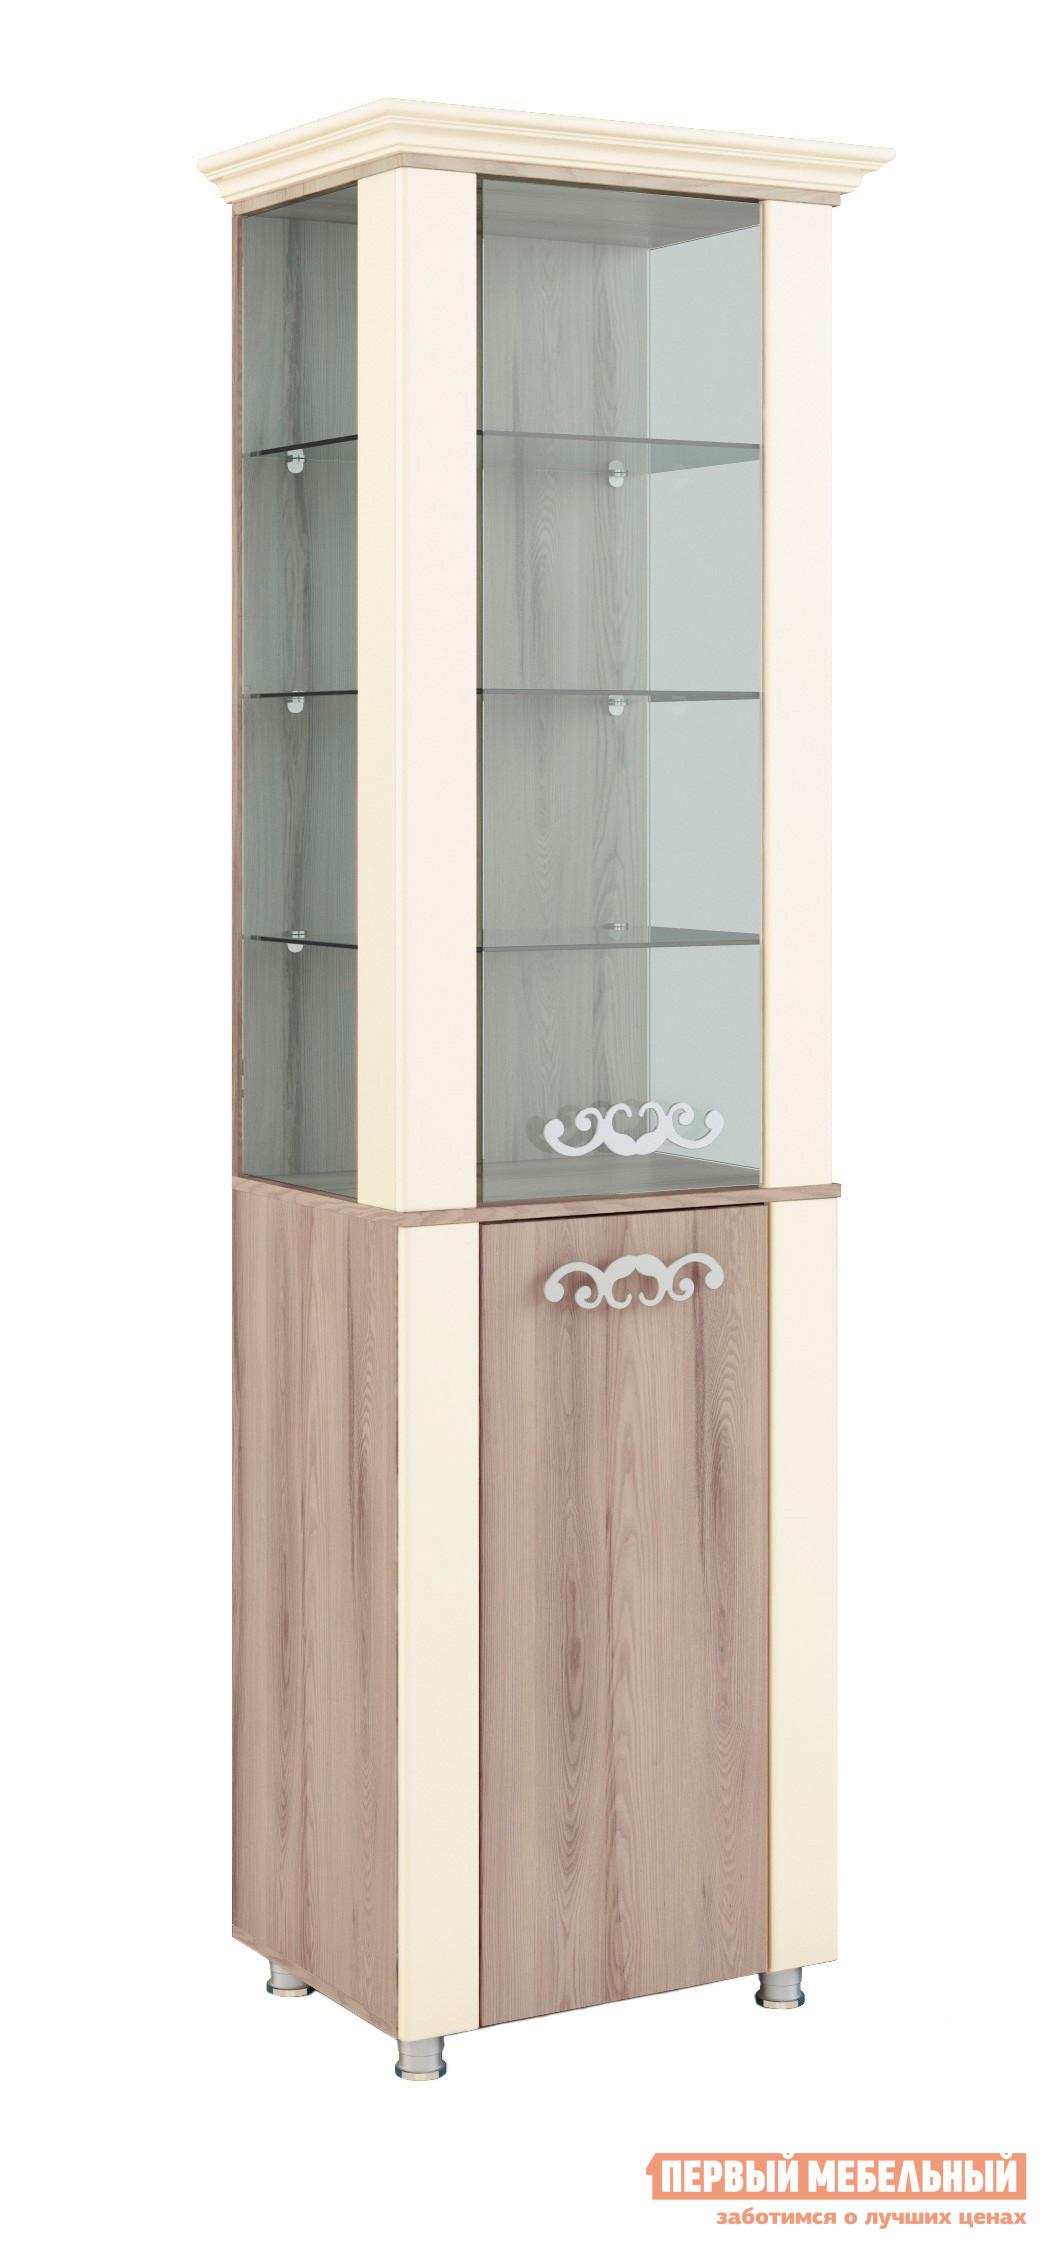 Шкаф-витрина МСТ Натали Шкаф-витрина мод.8 стенка витрина луиза 1600